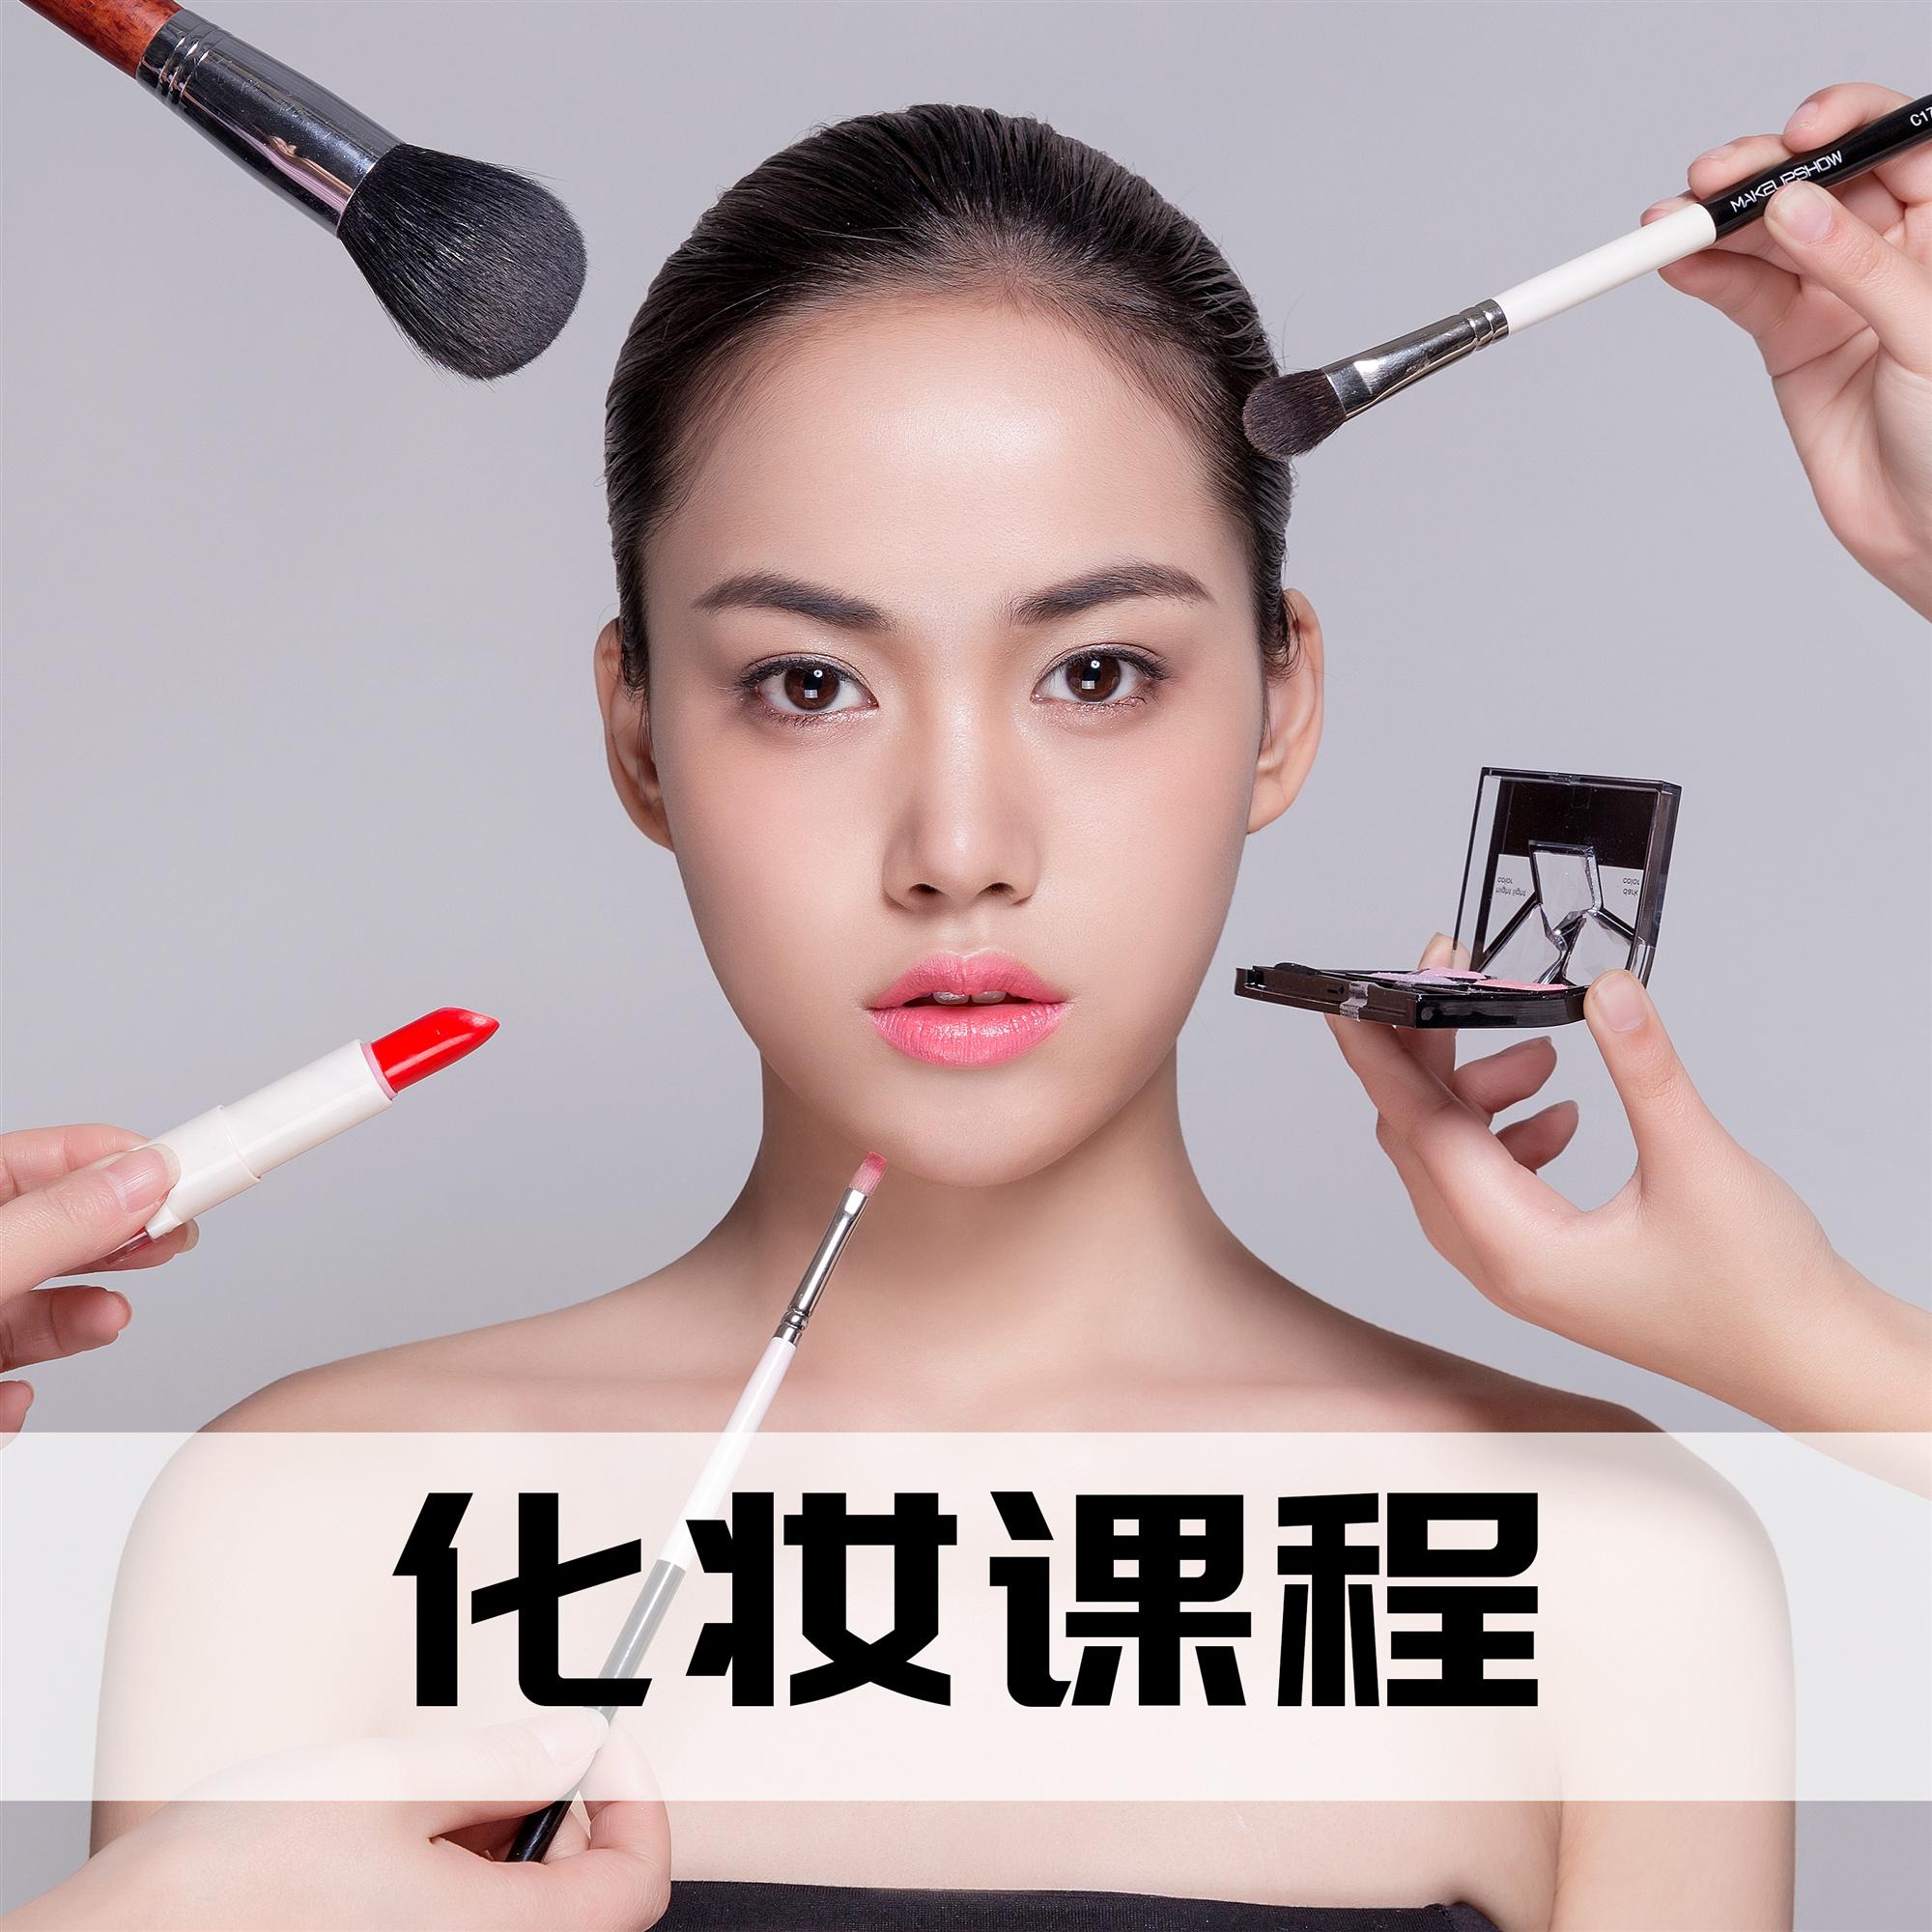 揭阳学化妆_尚颜七周年纪念版课程—化妆